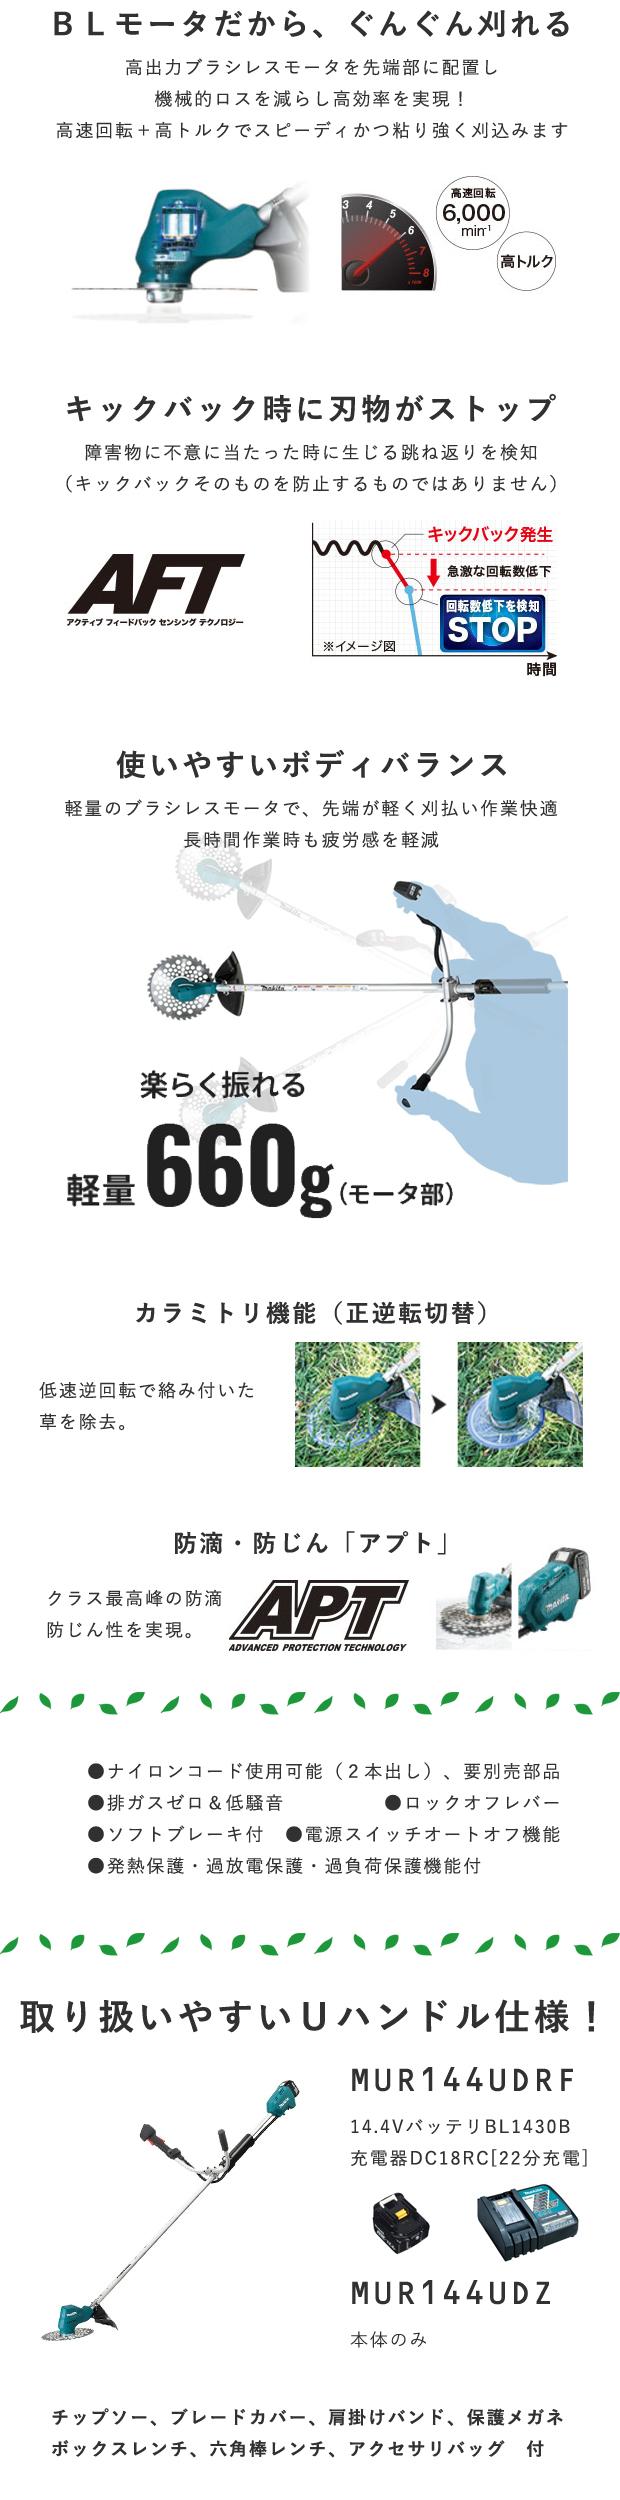 マキタ 14.4V 充電式草刈機 [Uハンドル仕様] MUR144UD